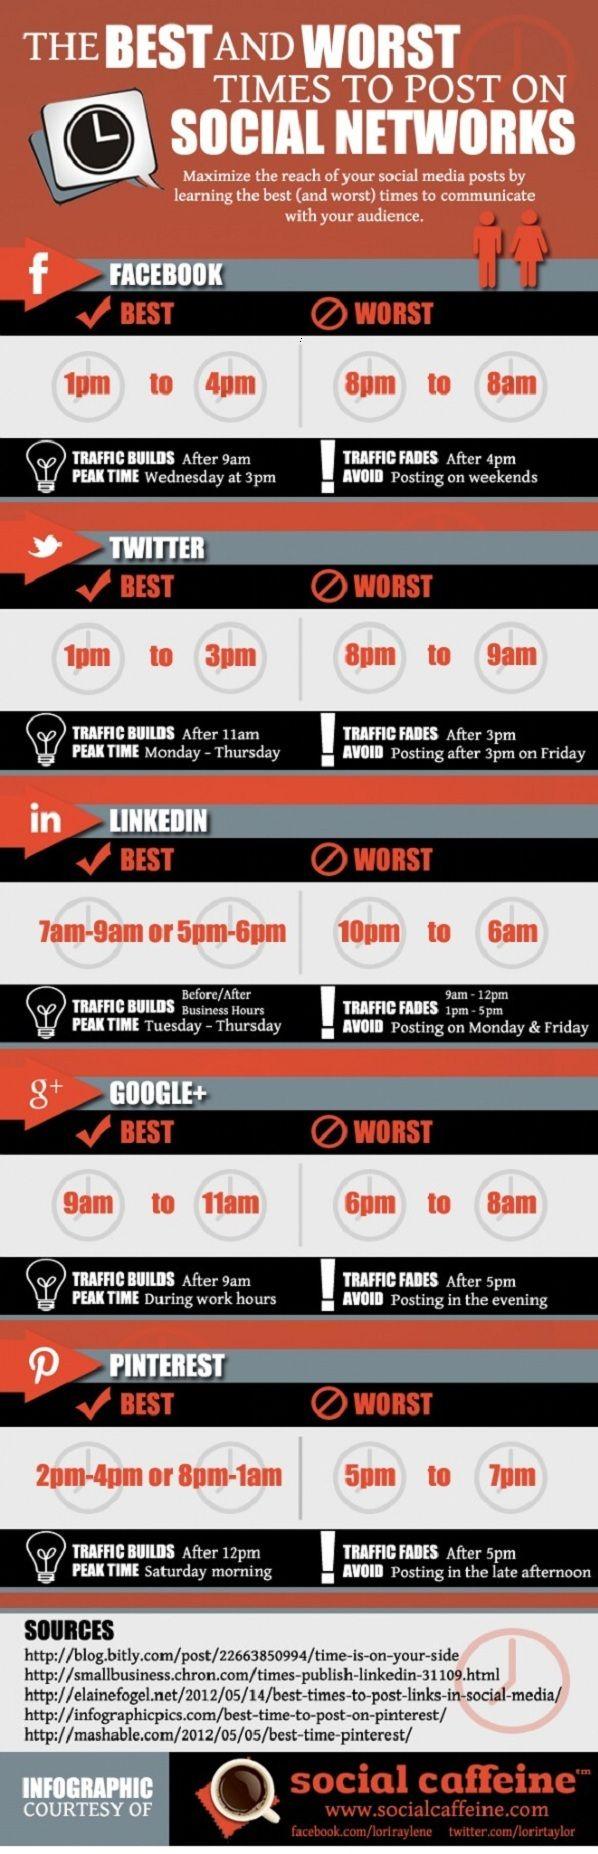 [Infographie] Les meilleurs et les pires horaires pour poster sur les réseaux sociaux  #tw